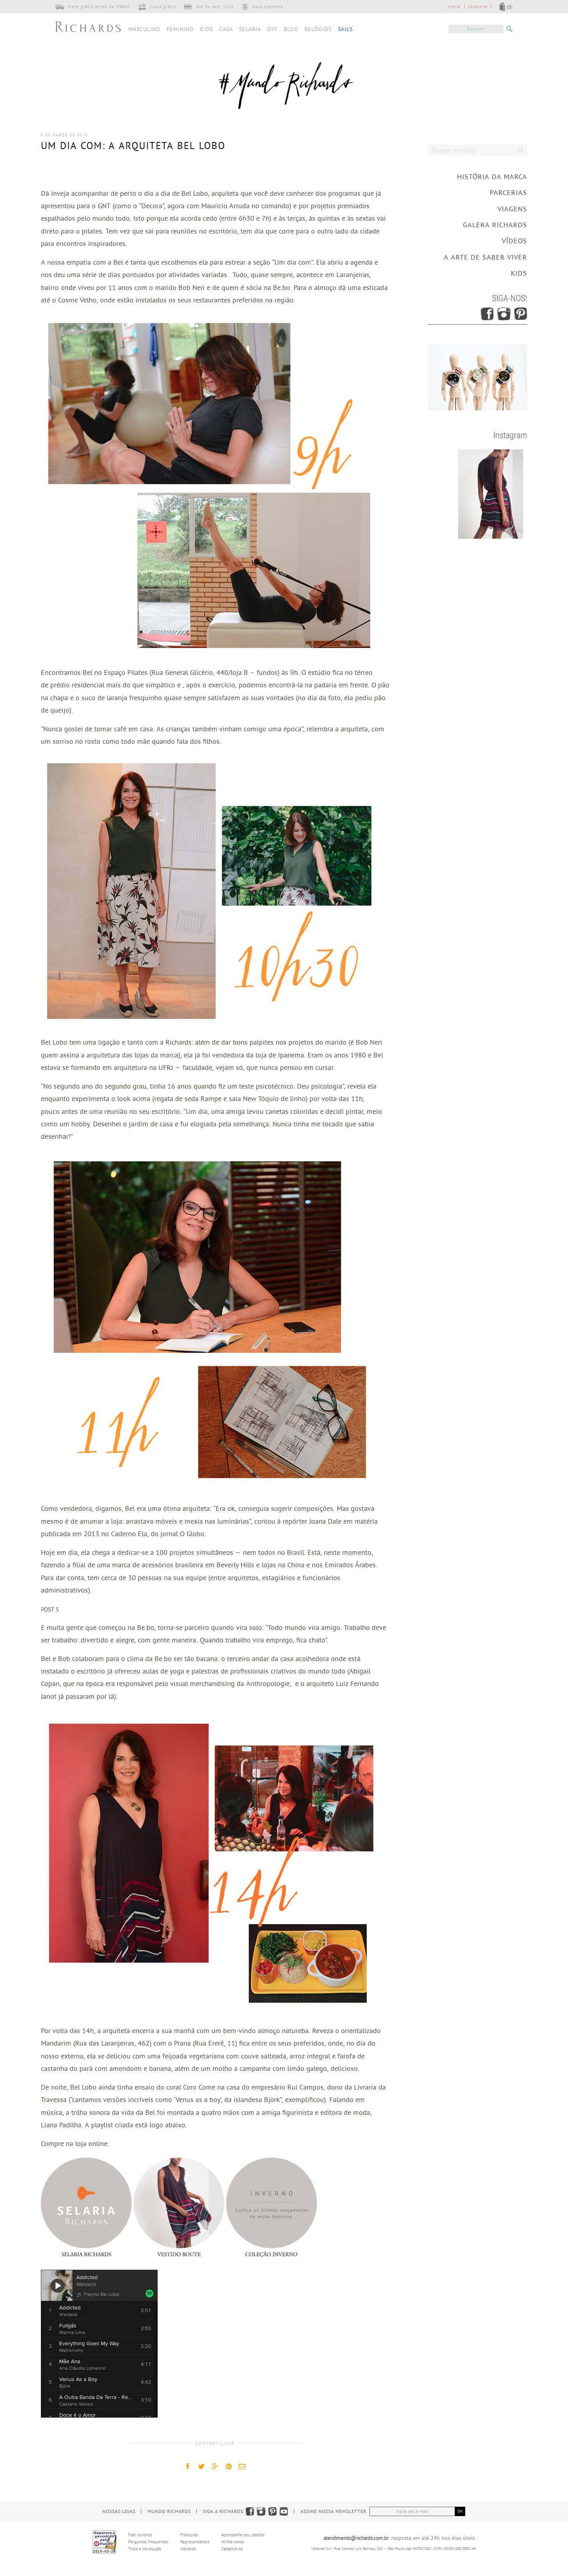 Um dia com: a arquiteta Bel Lobo - Richards - 09/03/2016